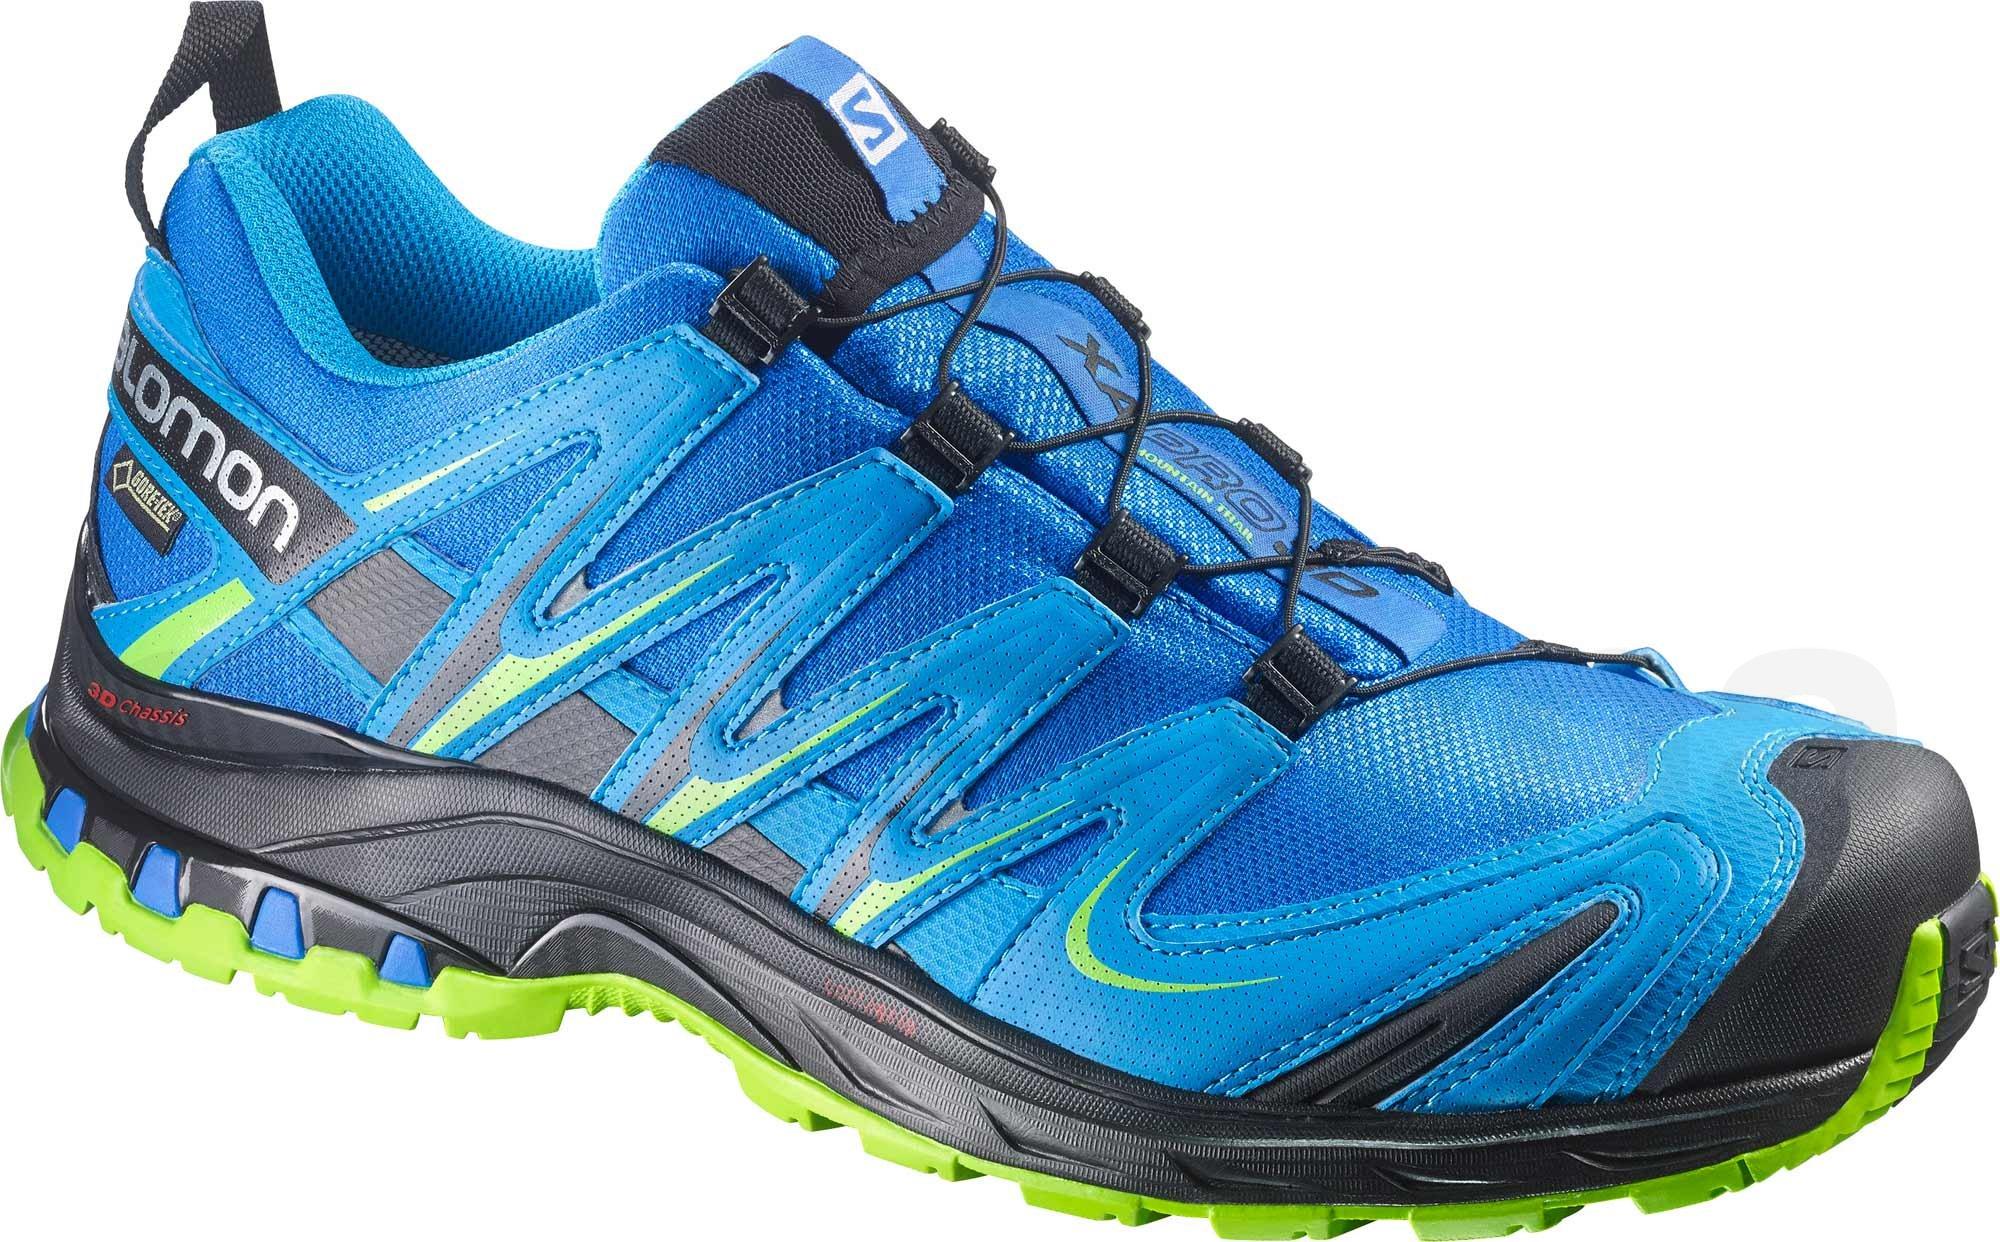 9199a4abf9 Pánská trailová běžecká obuv Salomon XA PRO 3D GTX M Blue ...